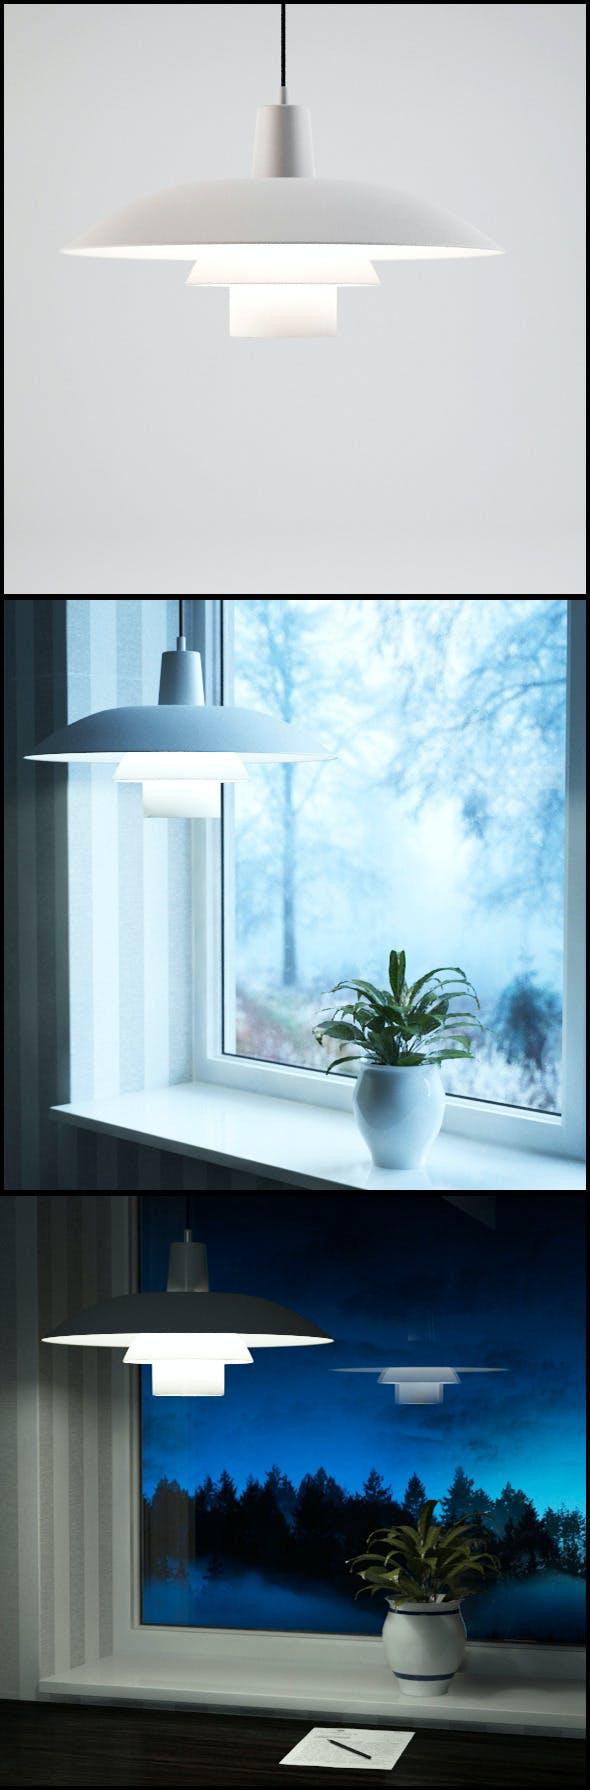 Louis Poulsen (Poul Henningsen) 3/4 Ceiling Lamp - 3DOcean Item for Sale